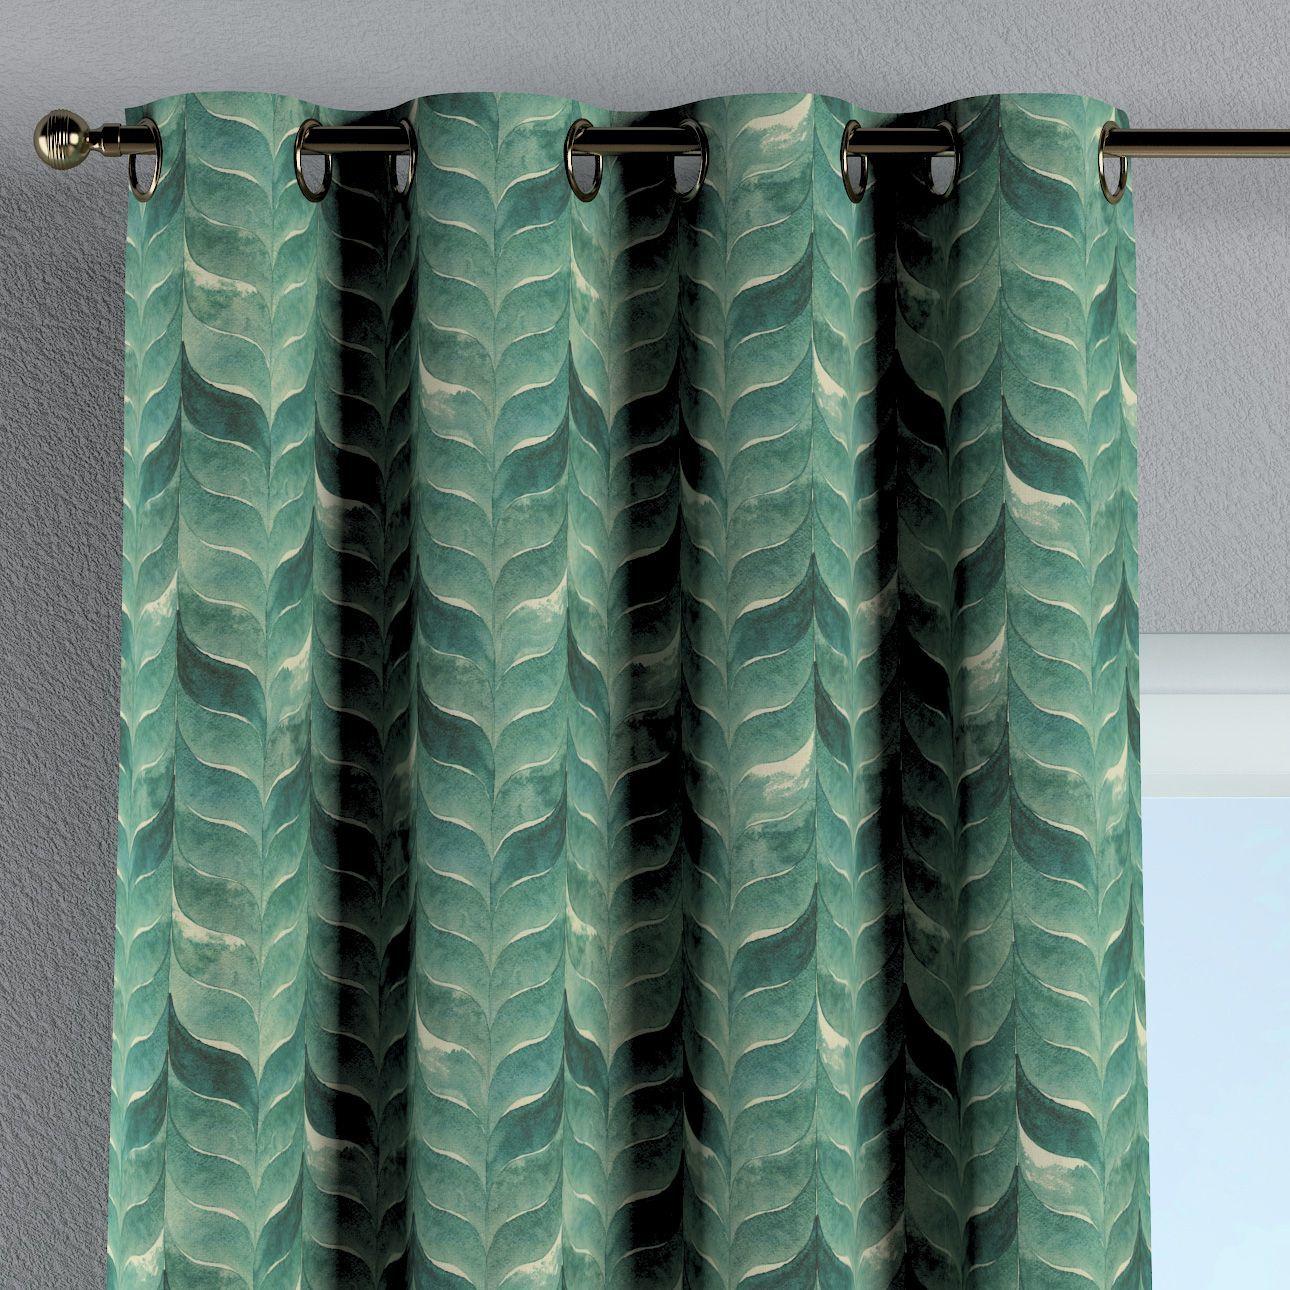 Zasłona na kółkach 1 szt., szmaragdowo-zielony wzór na lnianym tle, 1szt 130  260 cm, Abigail